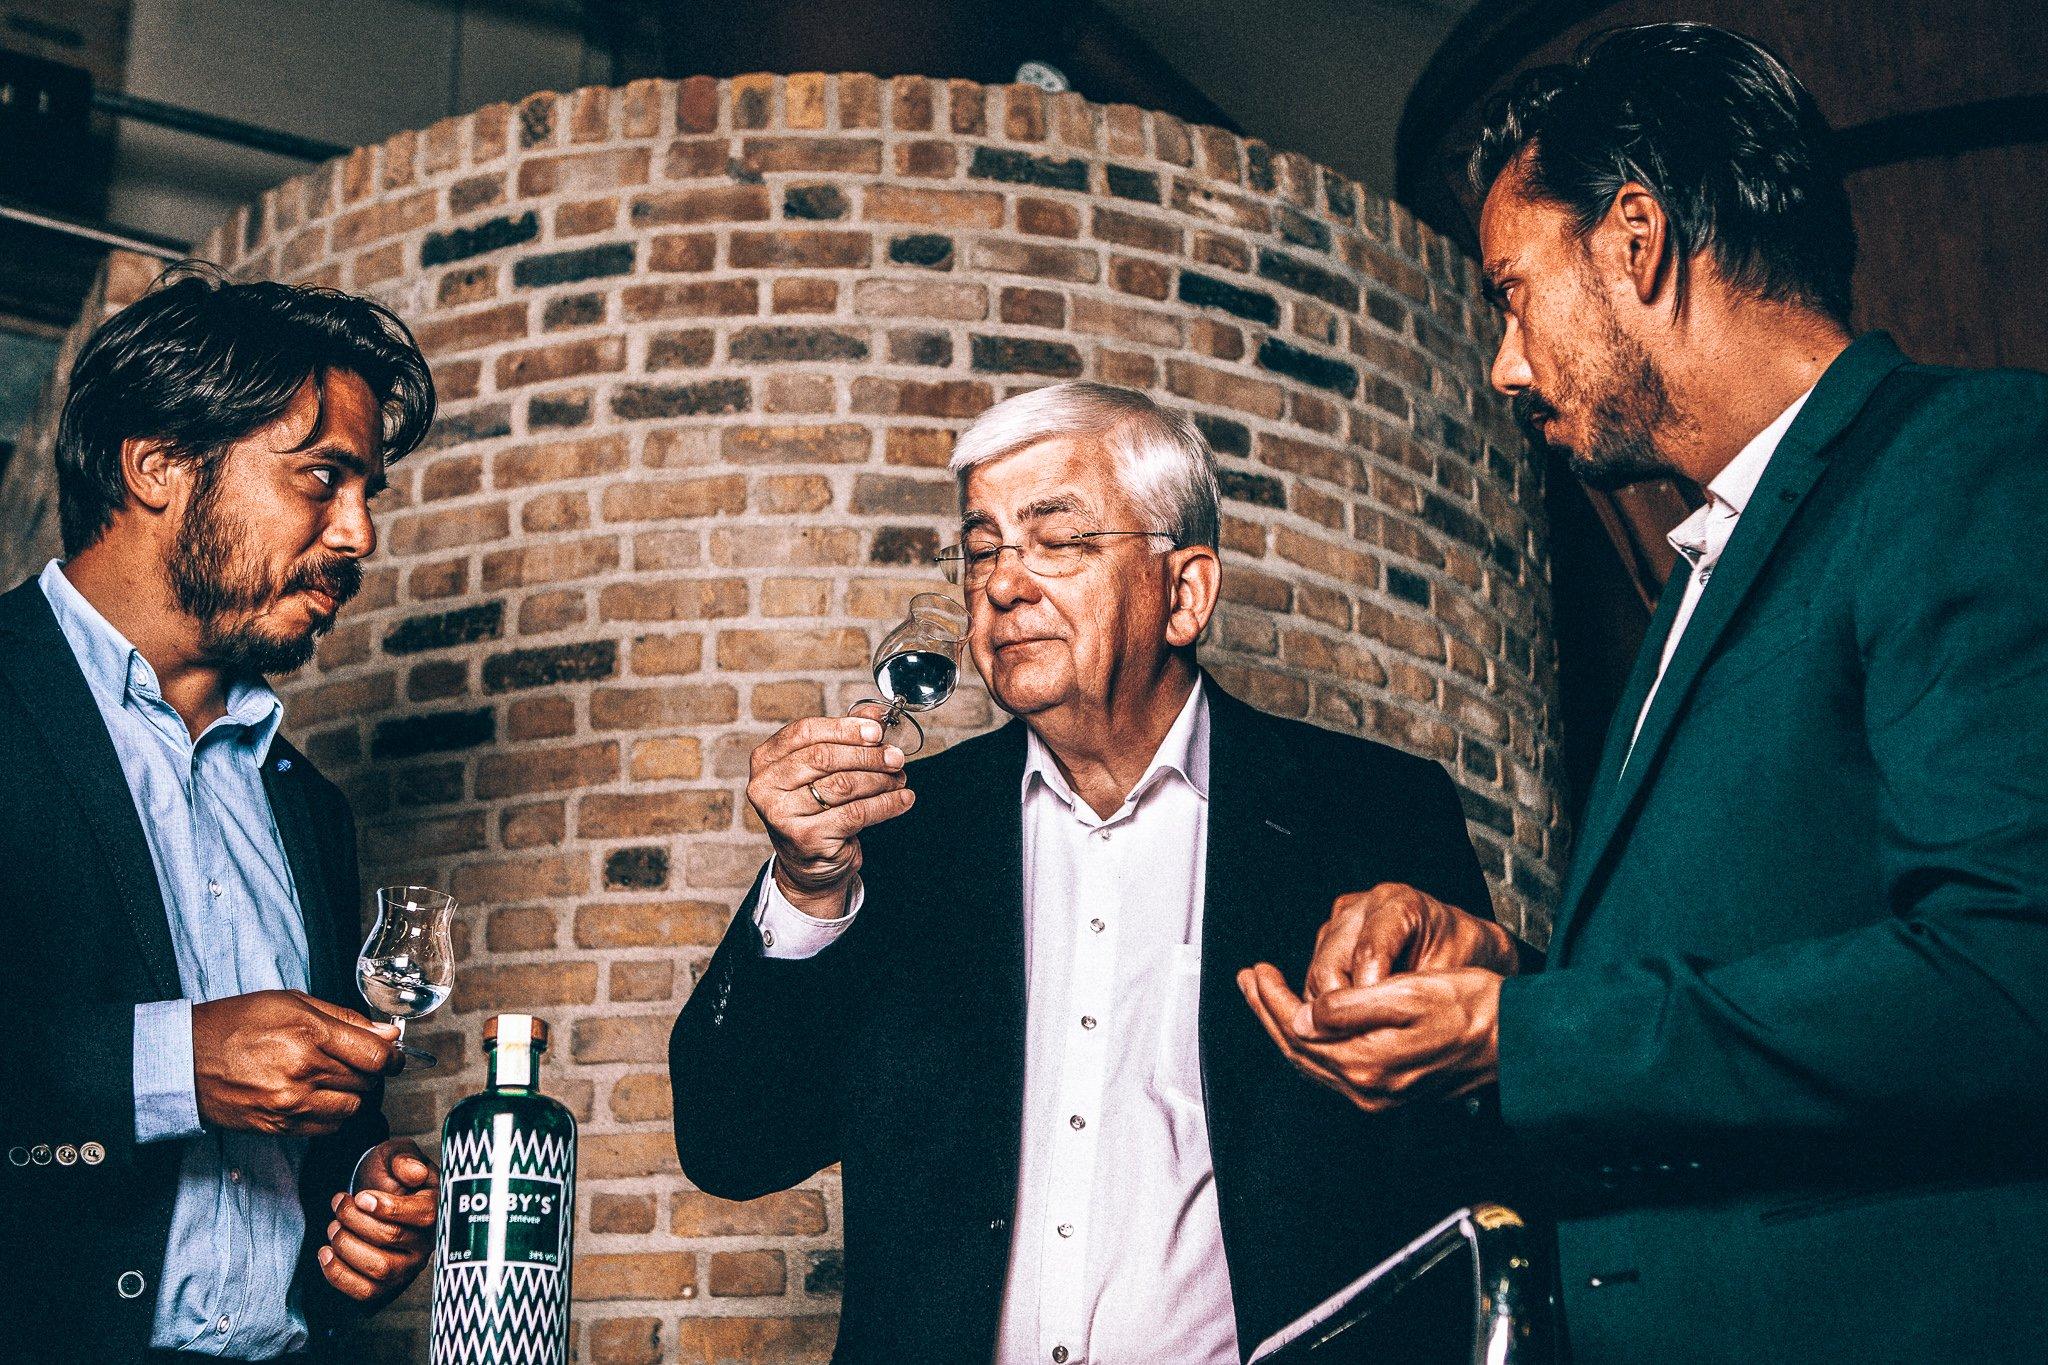 Sebastiaan en David bij Herman Jansen, Bobby's Schiedam Jenever, Alles over gin.